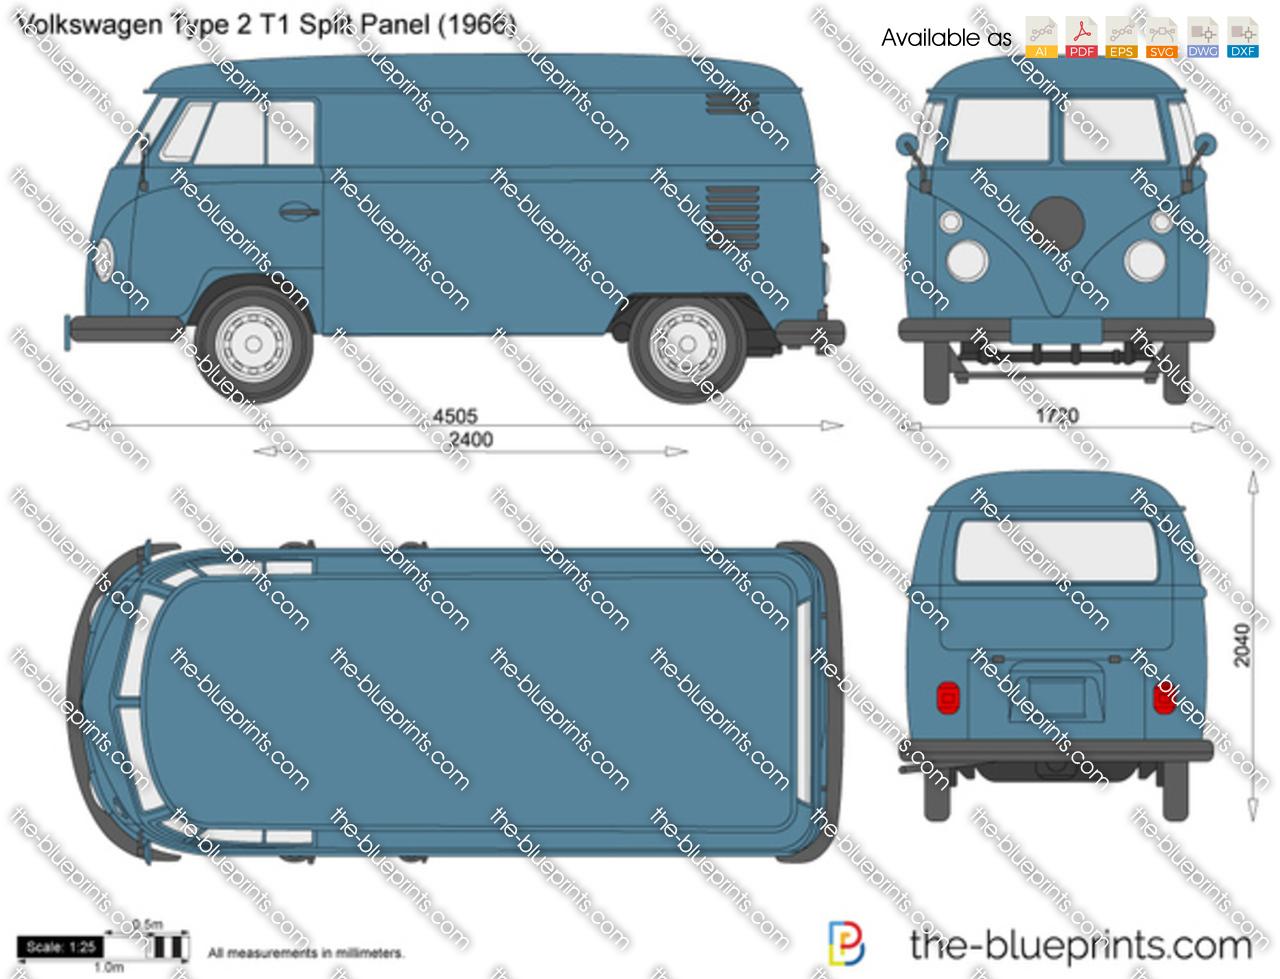 Volkswagen Type 2 T1 Split Panel 1957